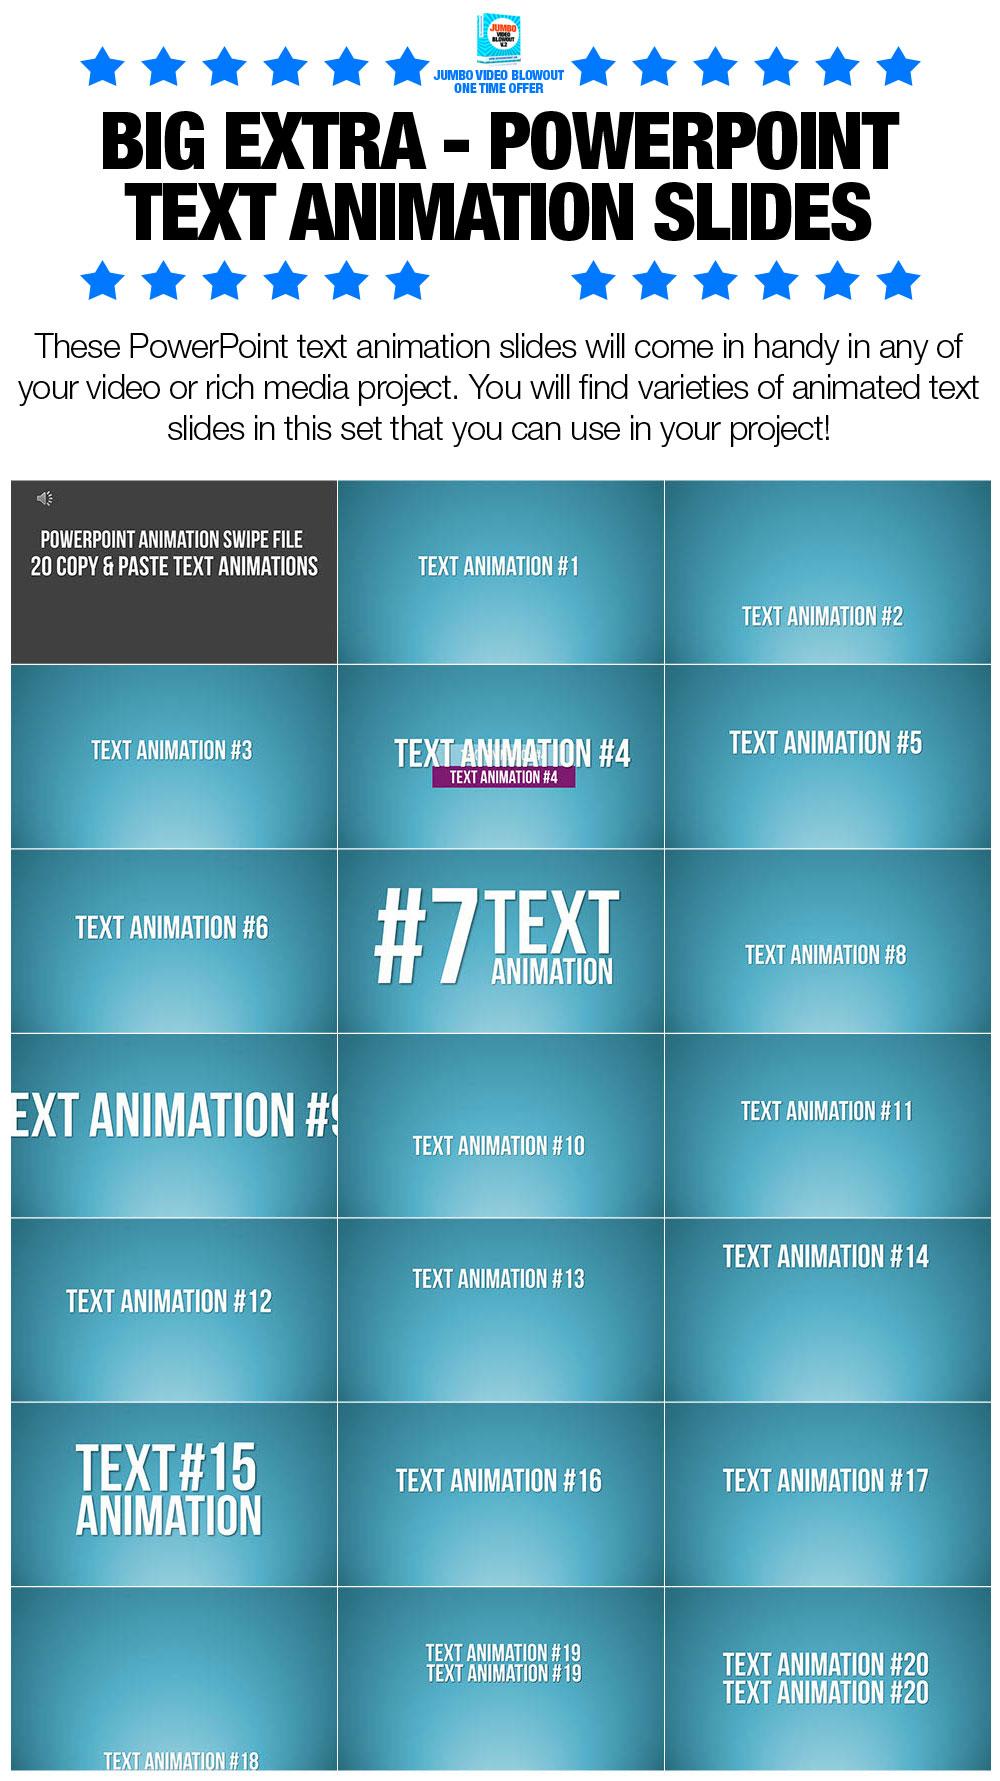 OTOBigExtra-PowerPointTextAnimationSlides